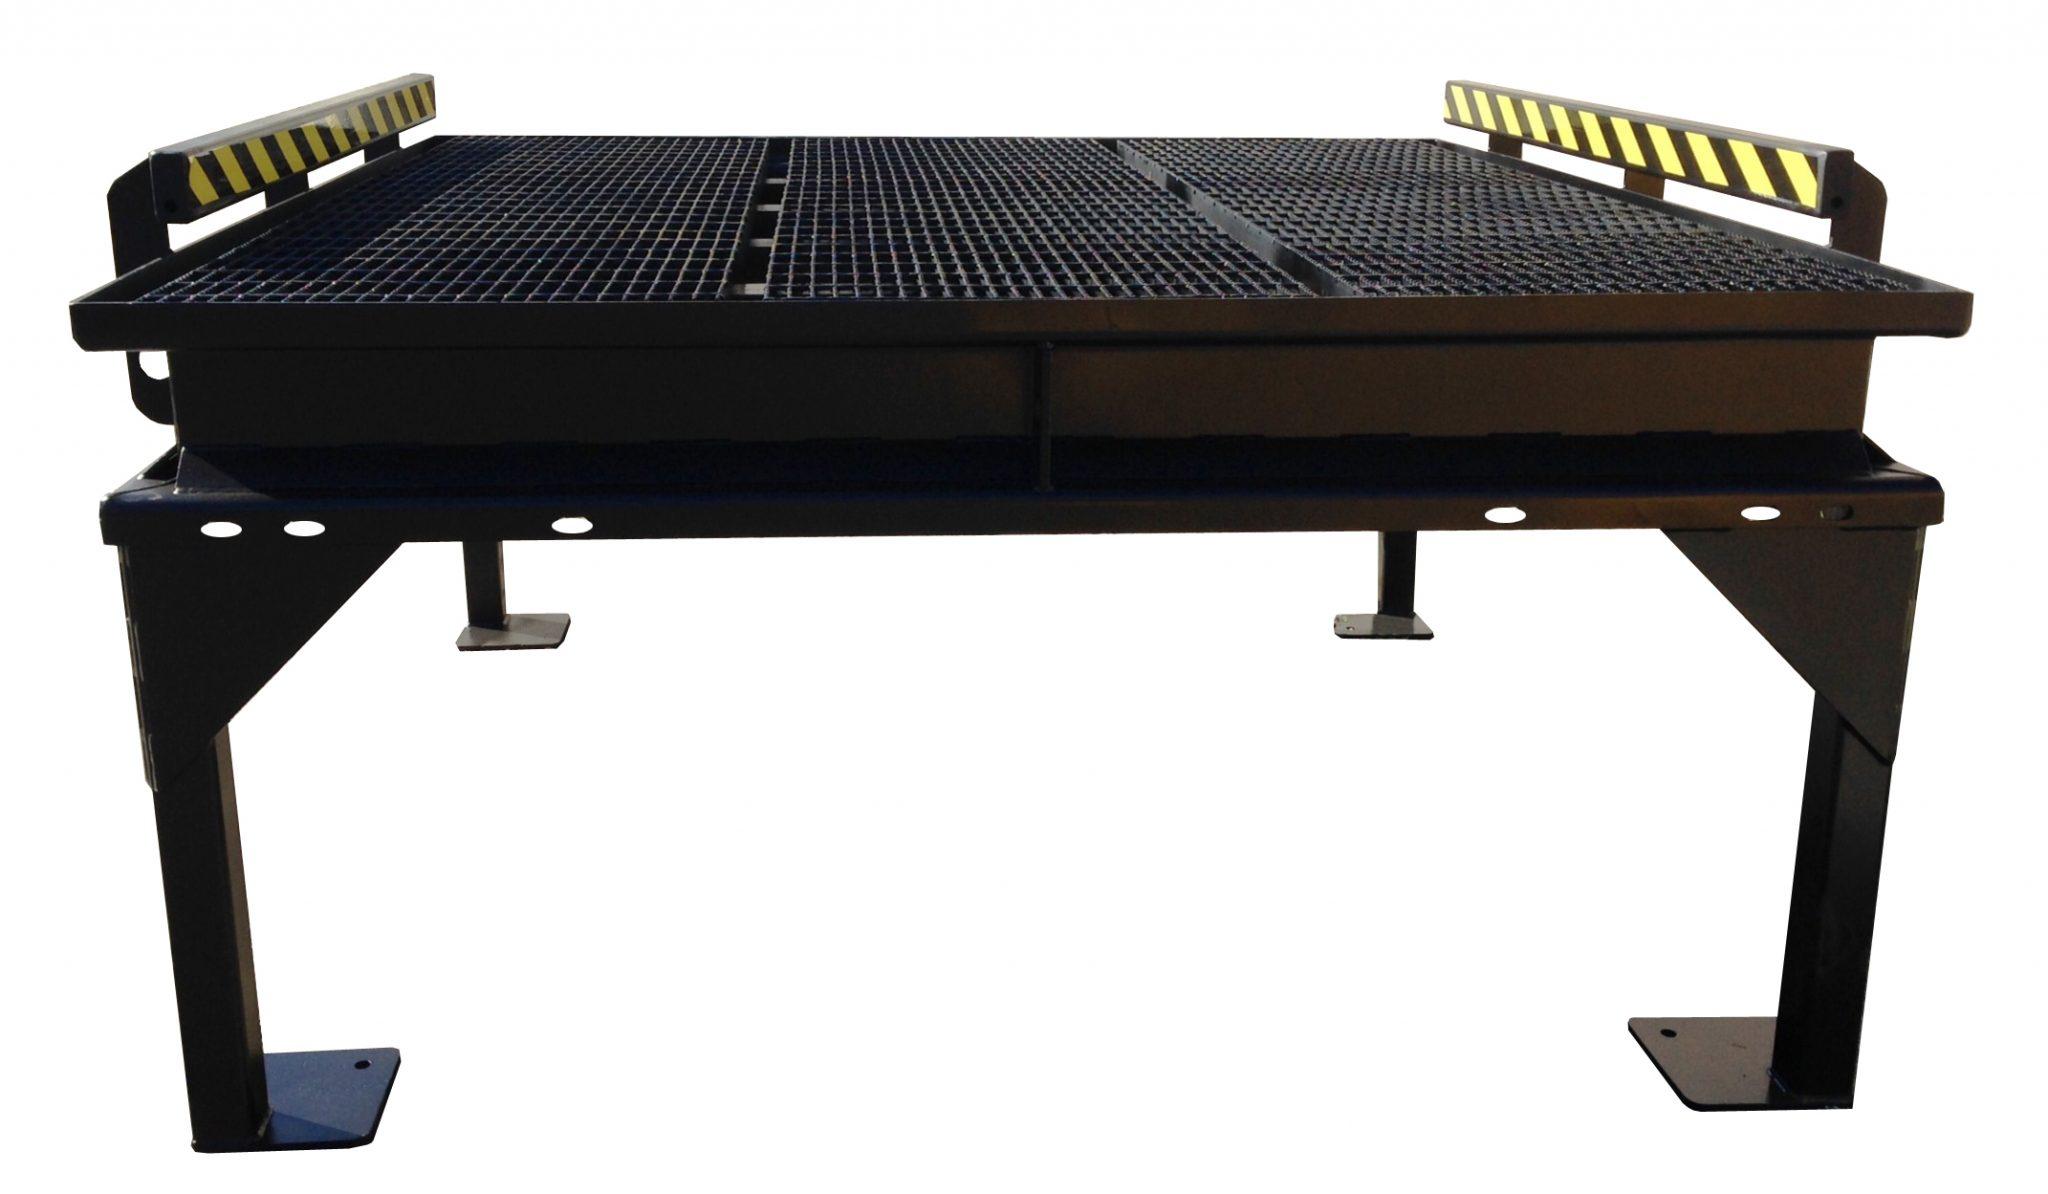 Mobile Loading Docks